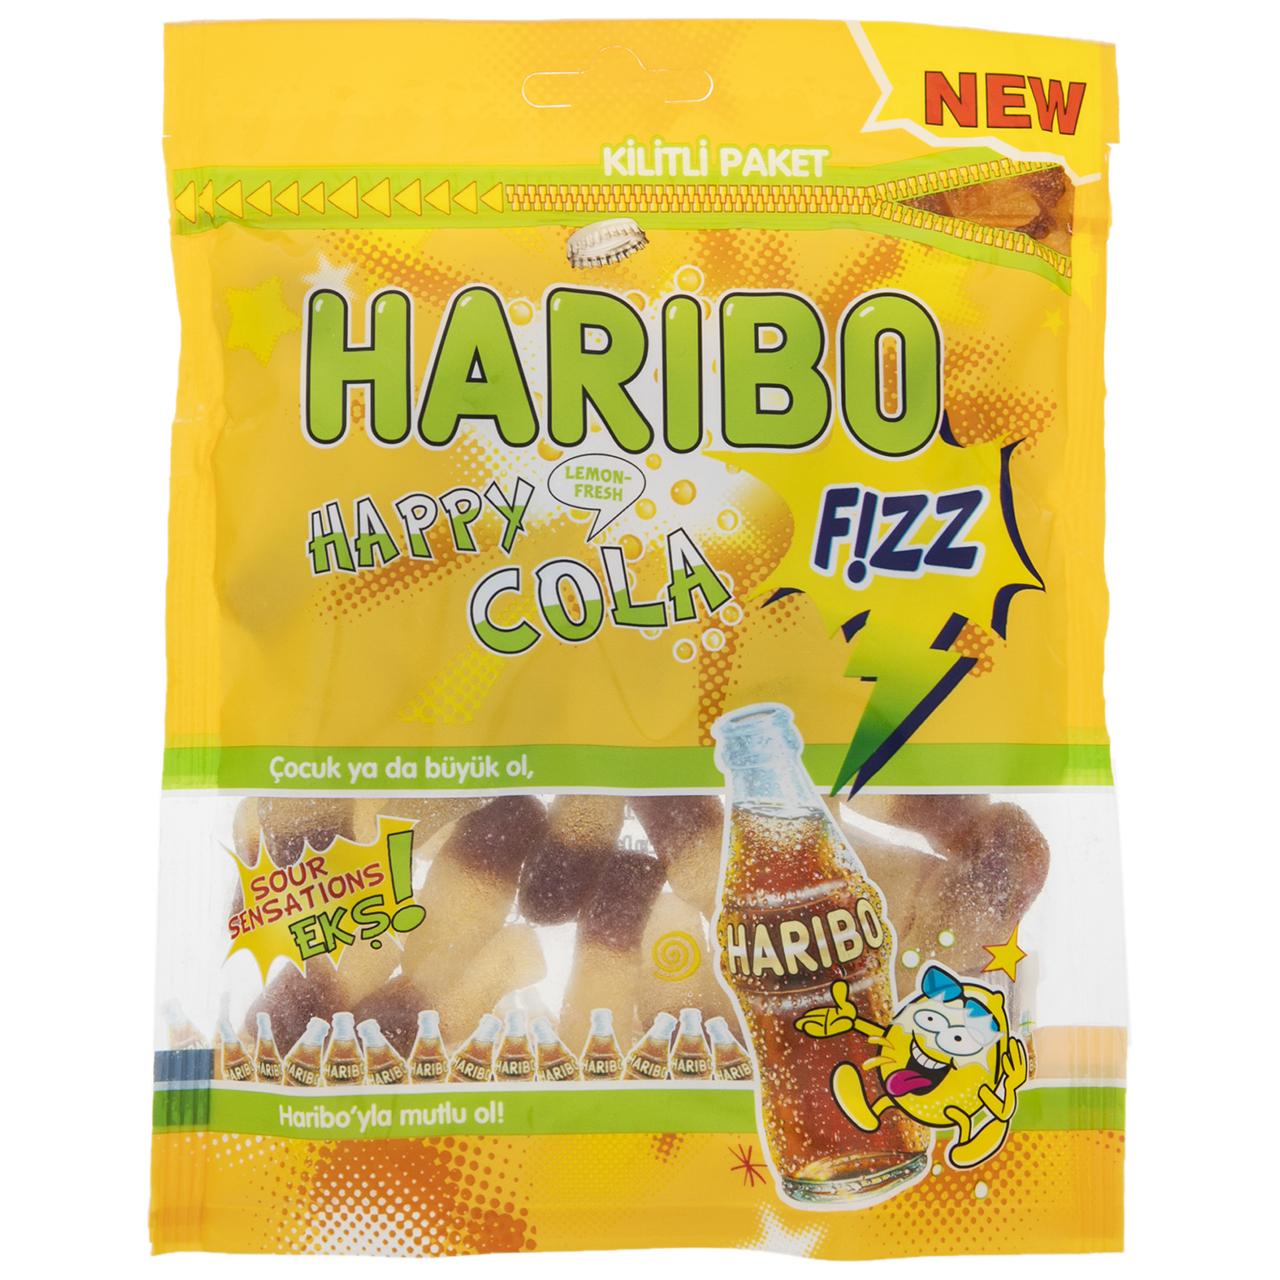 پاستیل هاریبو مدل Happy Cola Fizz مقدار 200 گرم